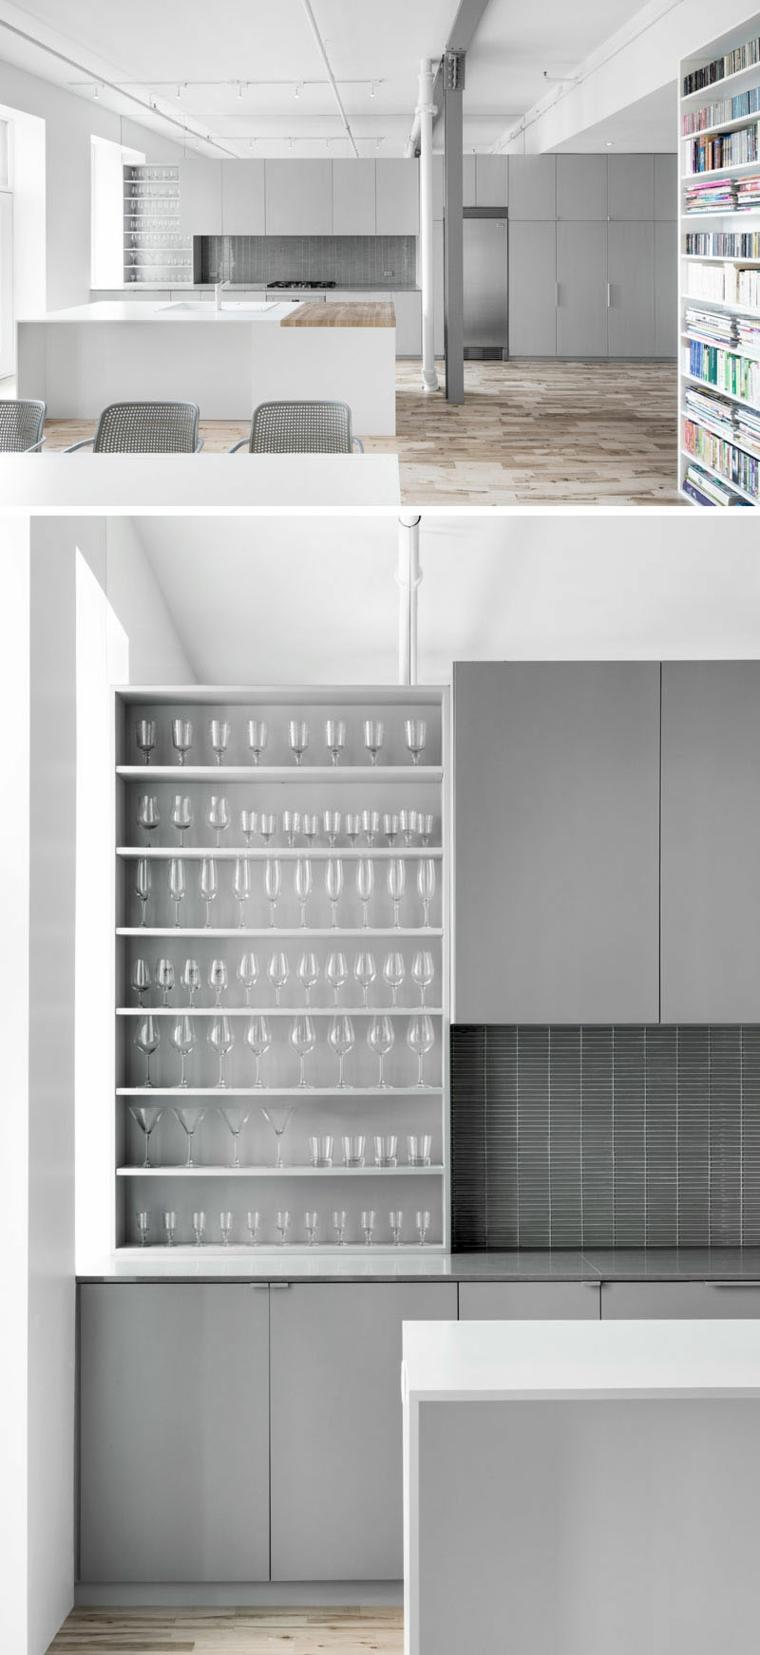 Cucina con isola centrale, mensole a vista con bicchieri di vetro, cucina con pavimento in legno